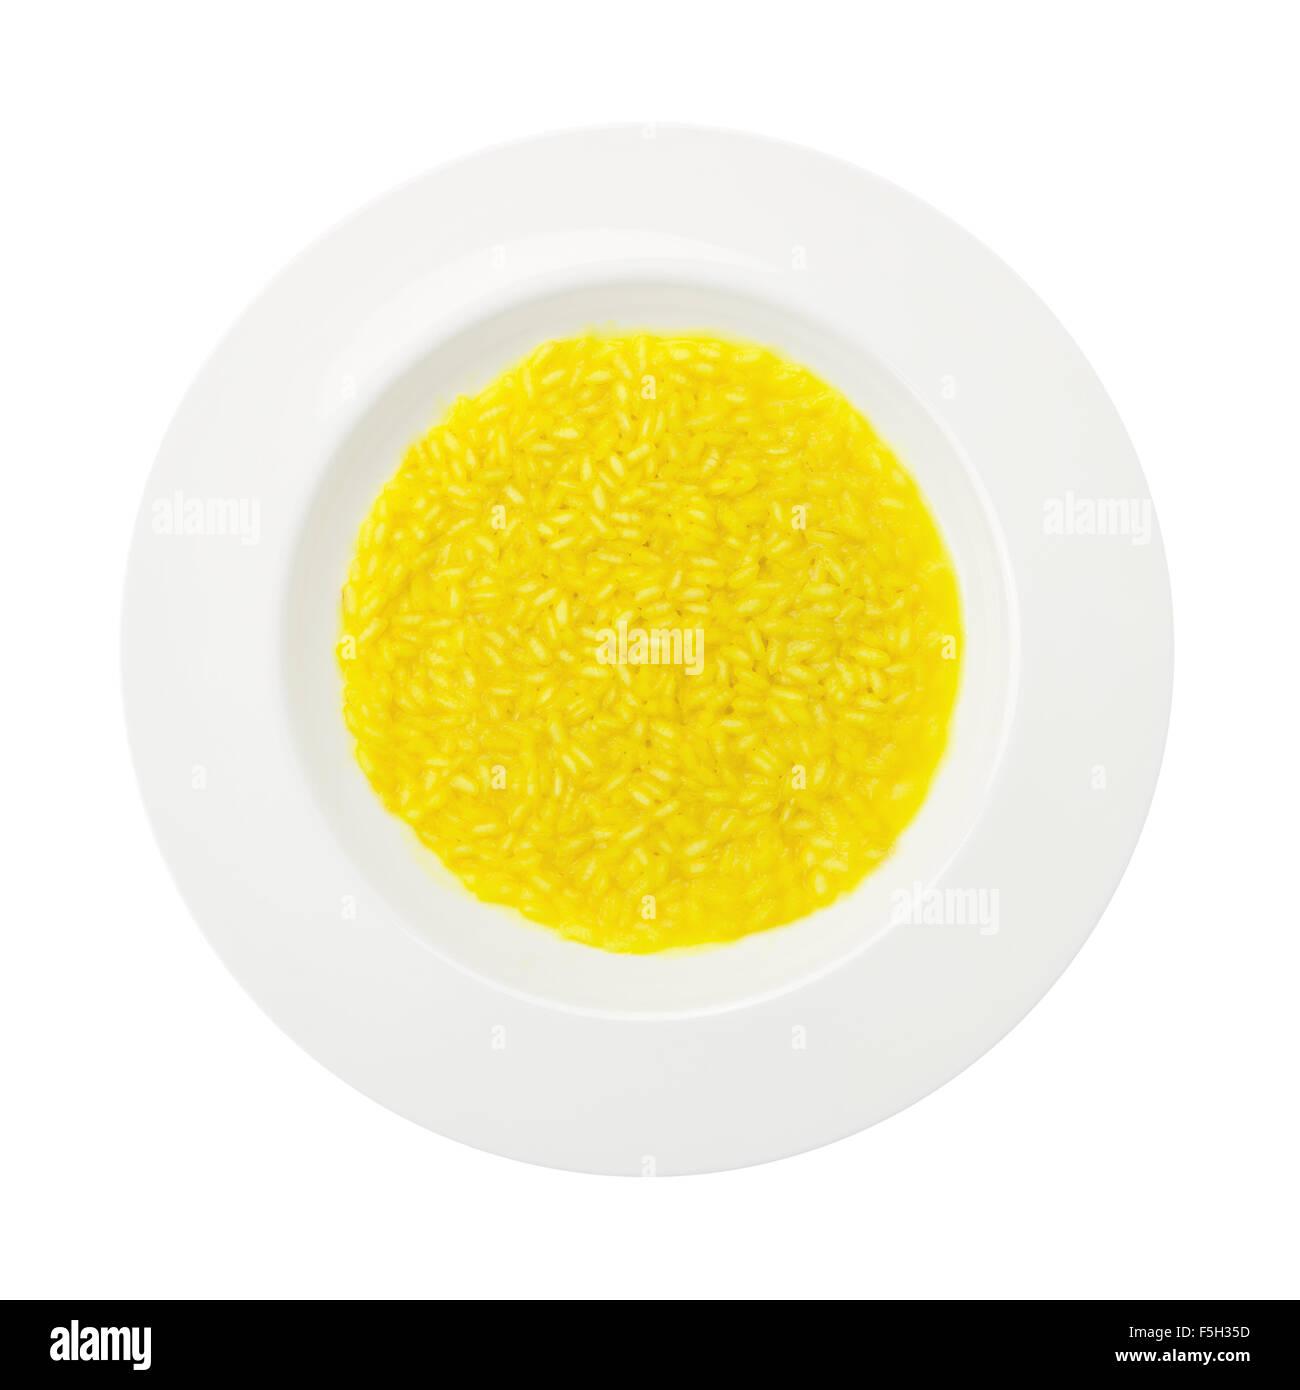 Recette traditionnelle de riz safrané sur une plaque ronde isolé sur fond blanc Photo Stock